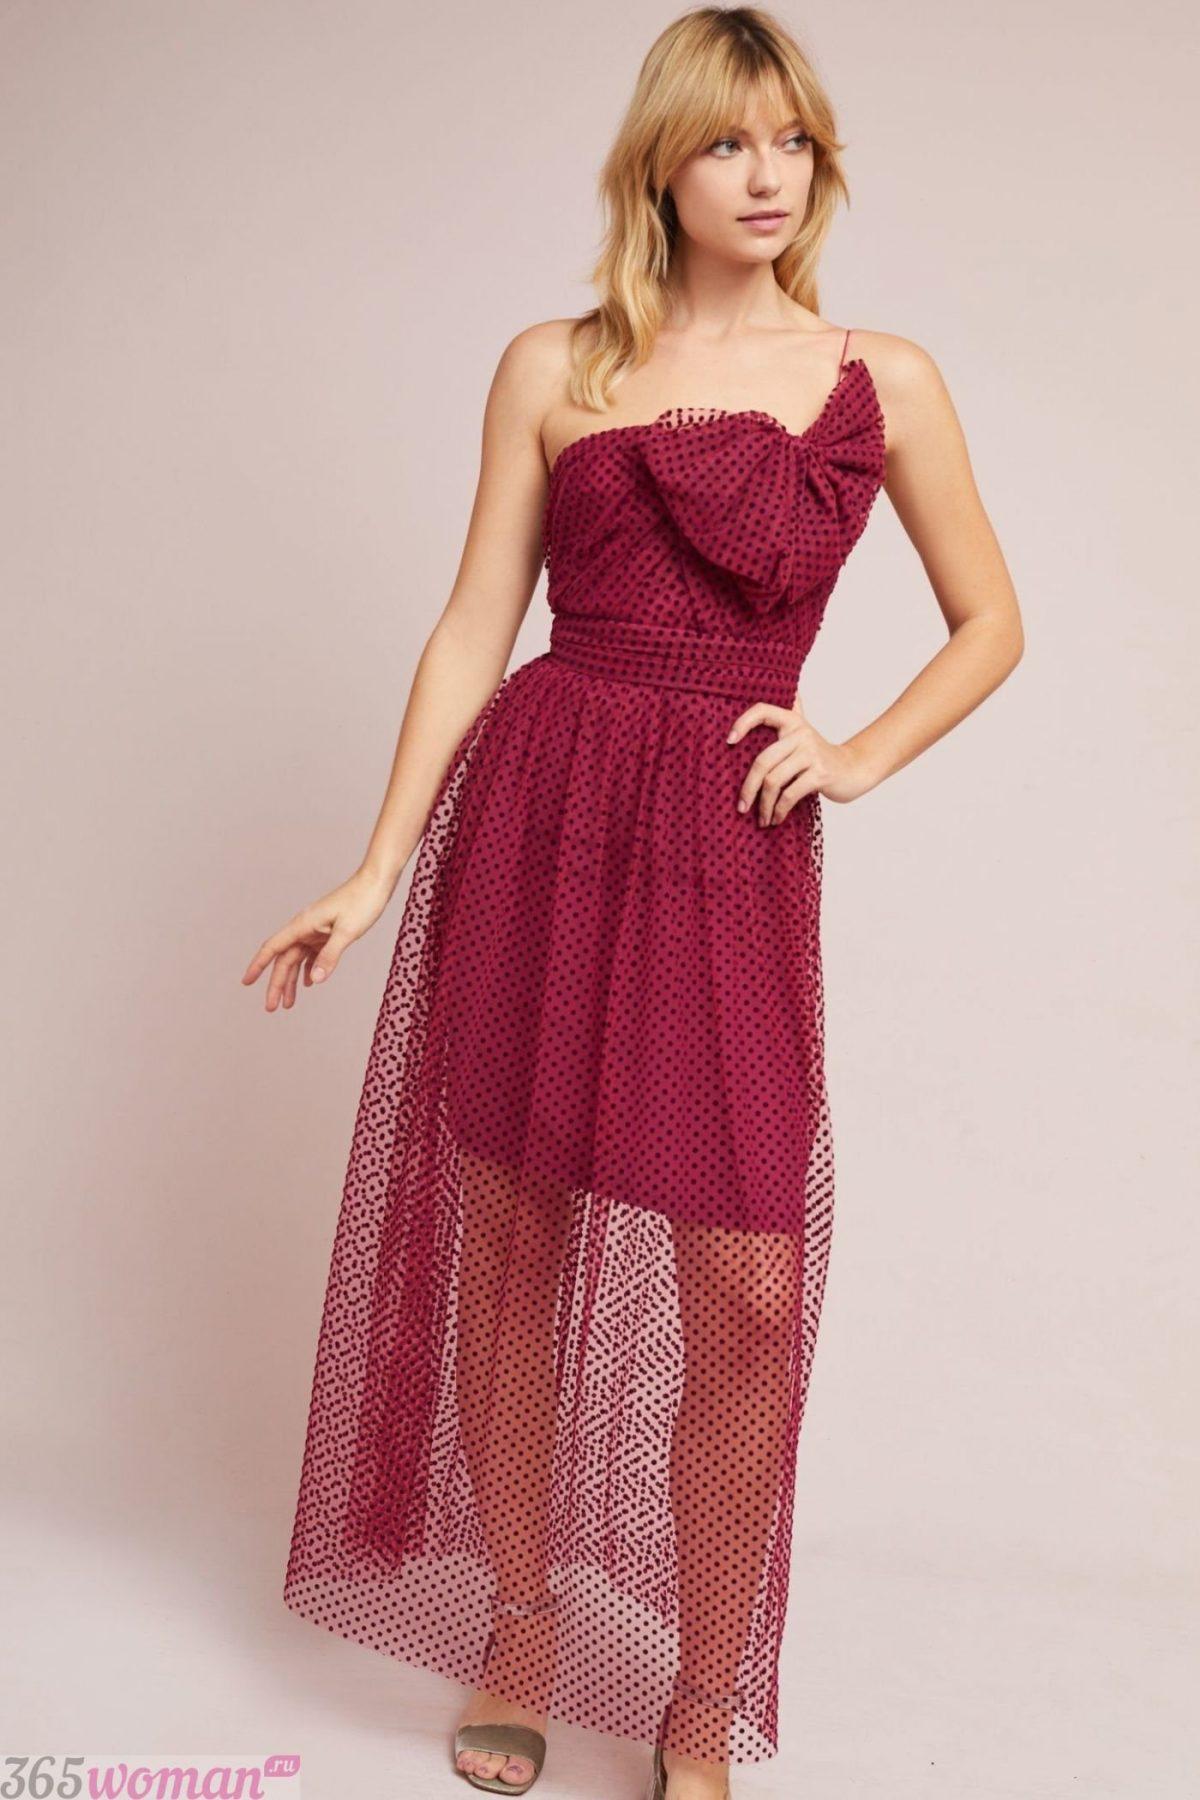 что надеть на день святого валентина 2019: удлиненное платье бордо с открытым верхом